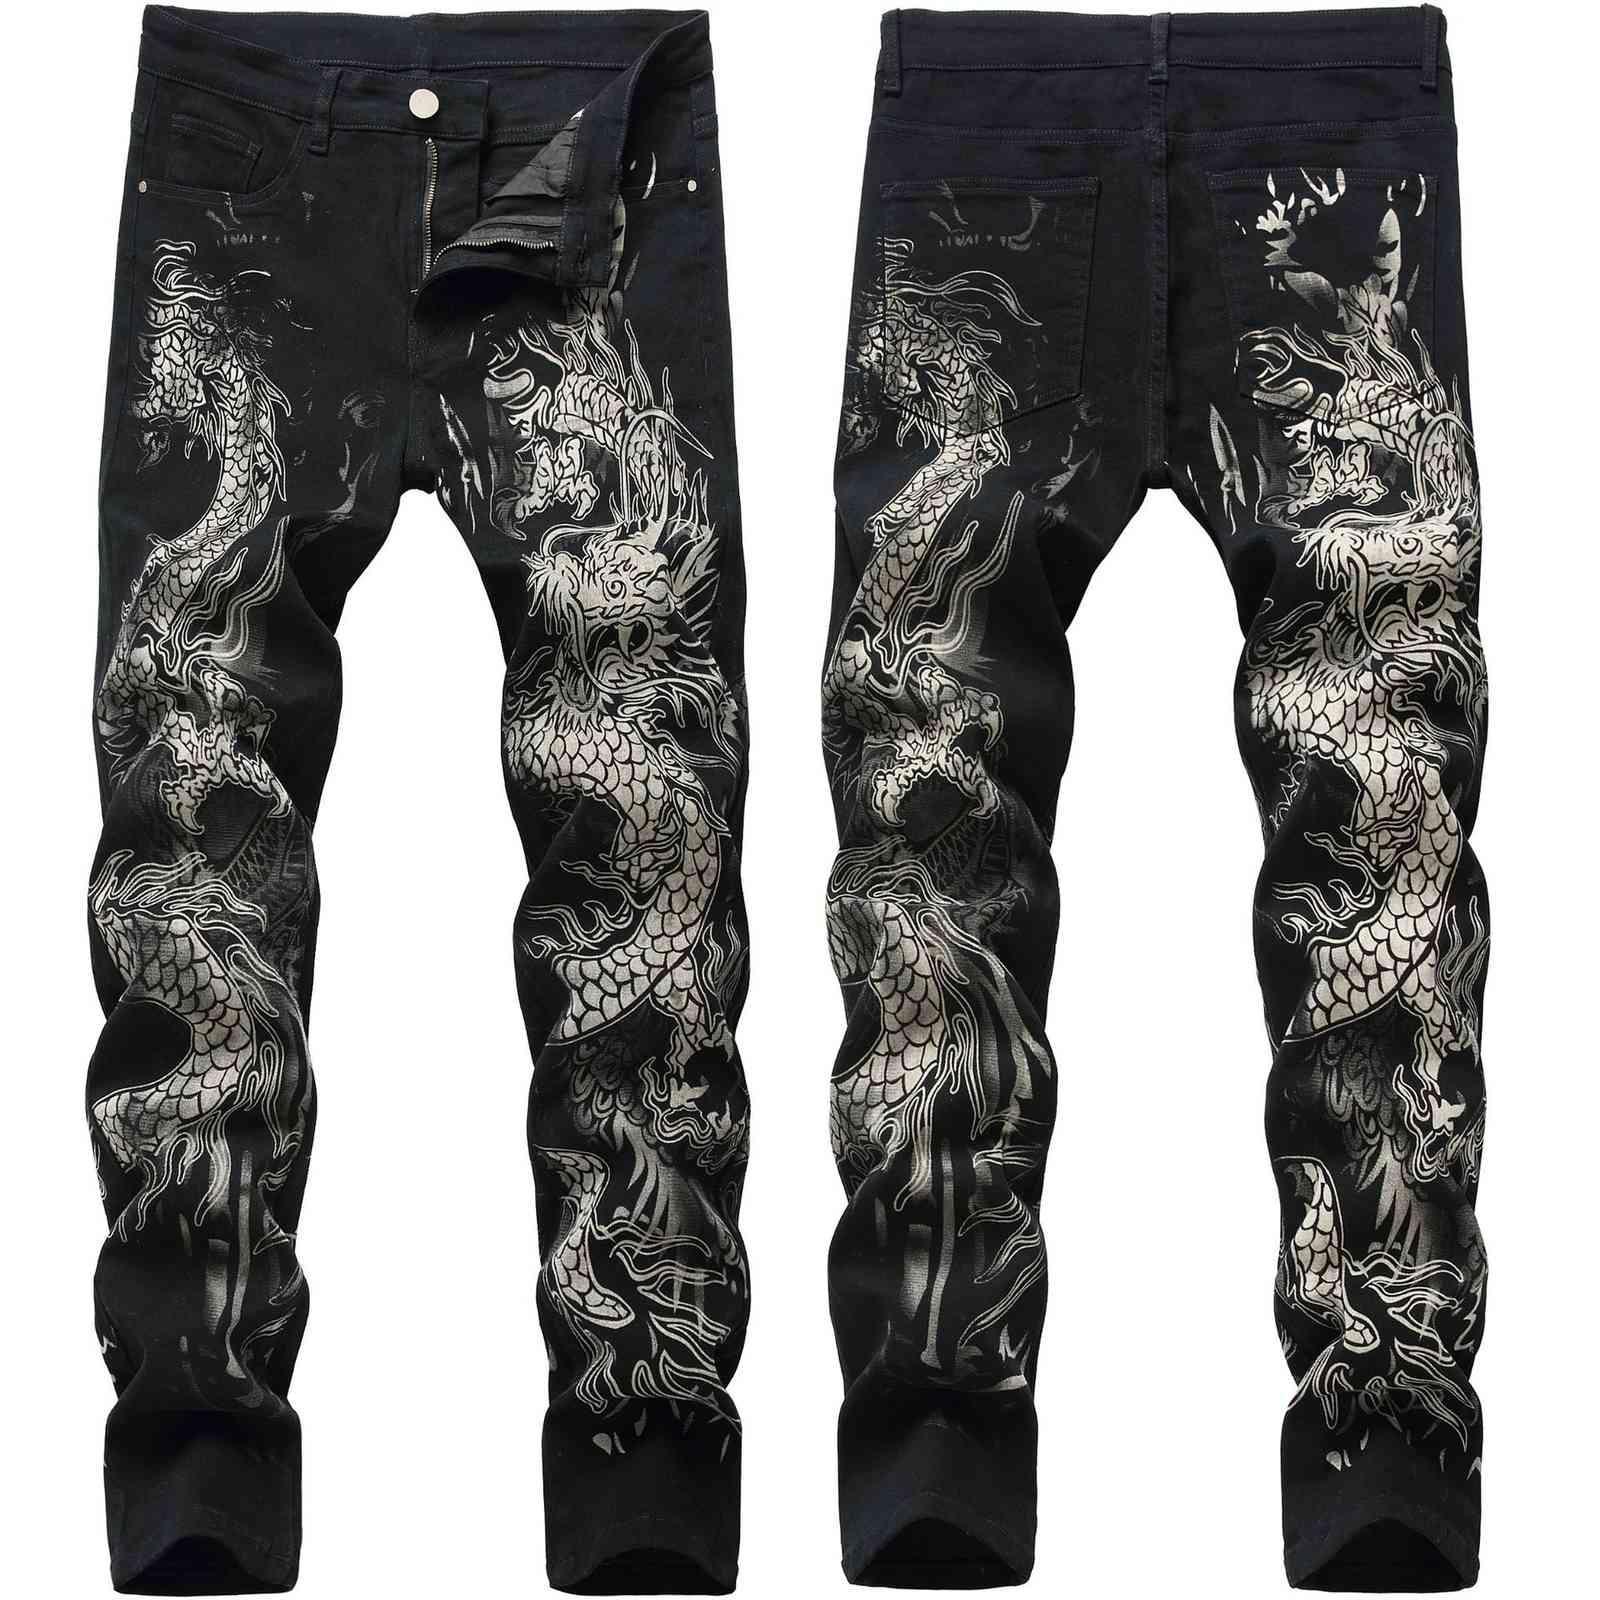 2021 Jeans de los hombres de arruga y agujero Moda de moda China Dragon Pantalones impresos Pantalones rectos Hombre Tubo Slim Fit Bullet